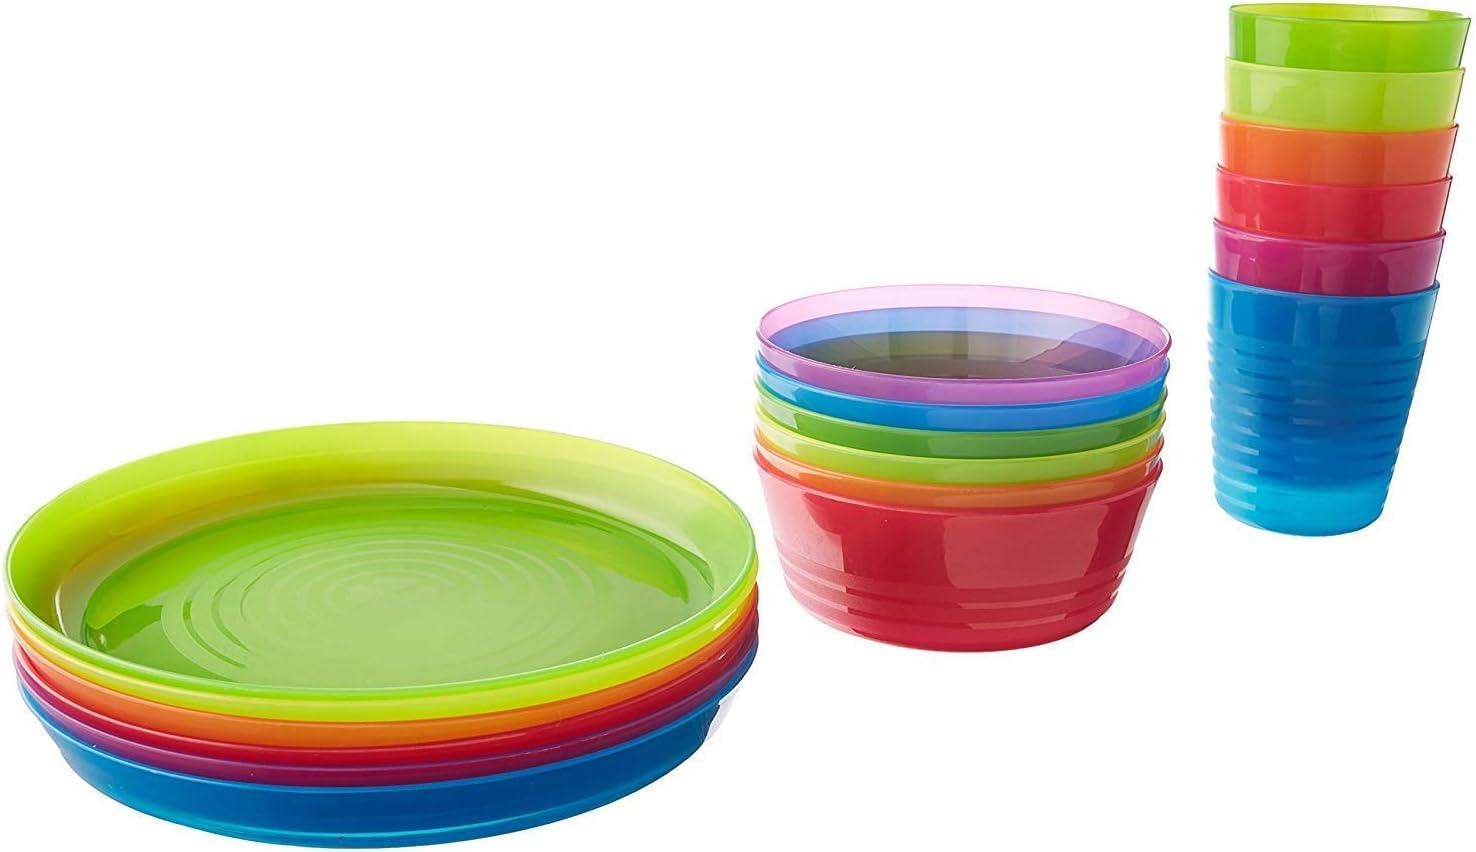 Ikea - Juego de cuencos de color para niños, vasos y platos ...